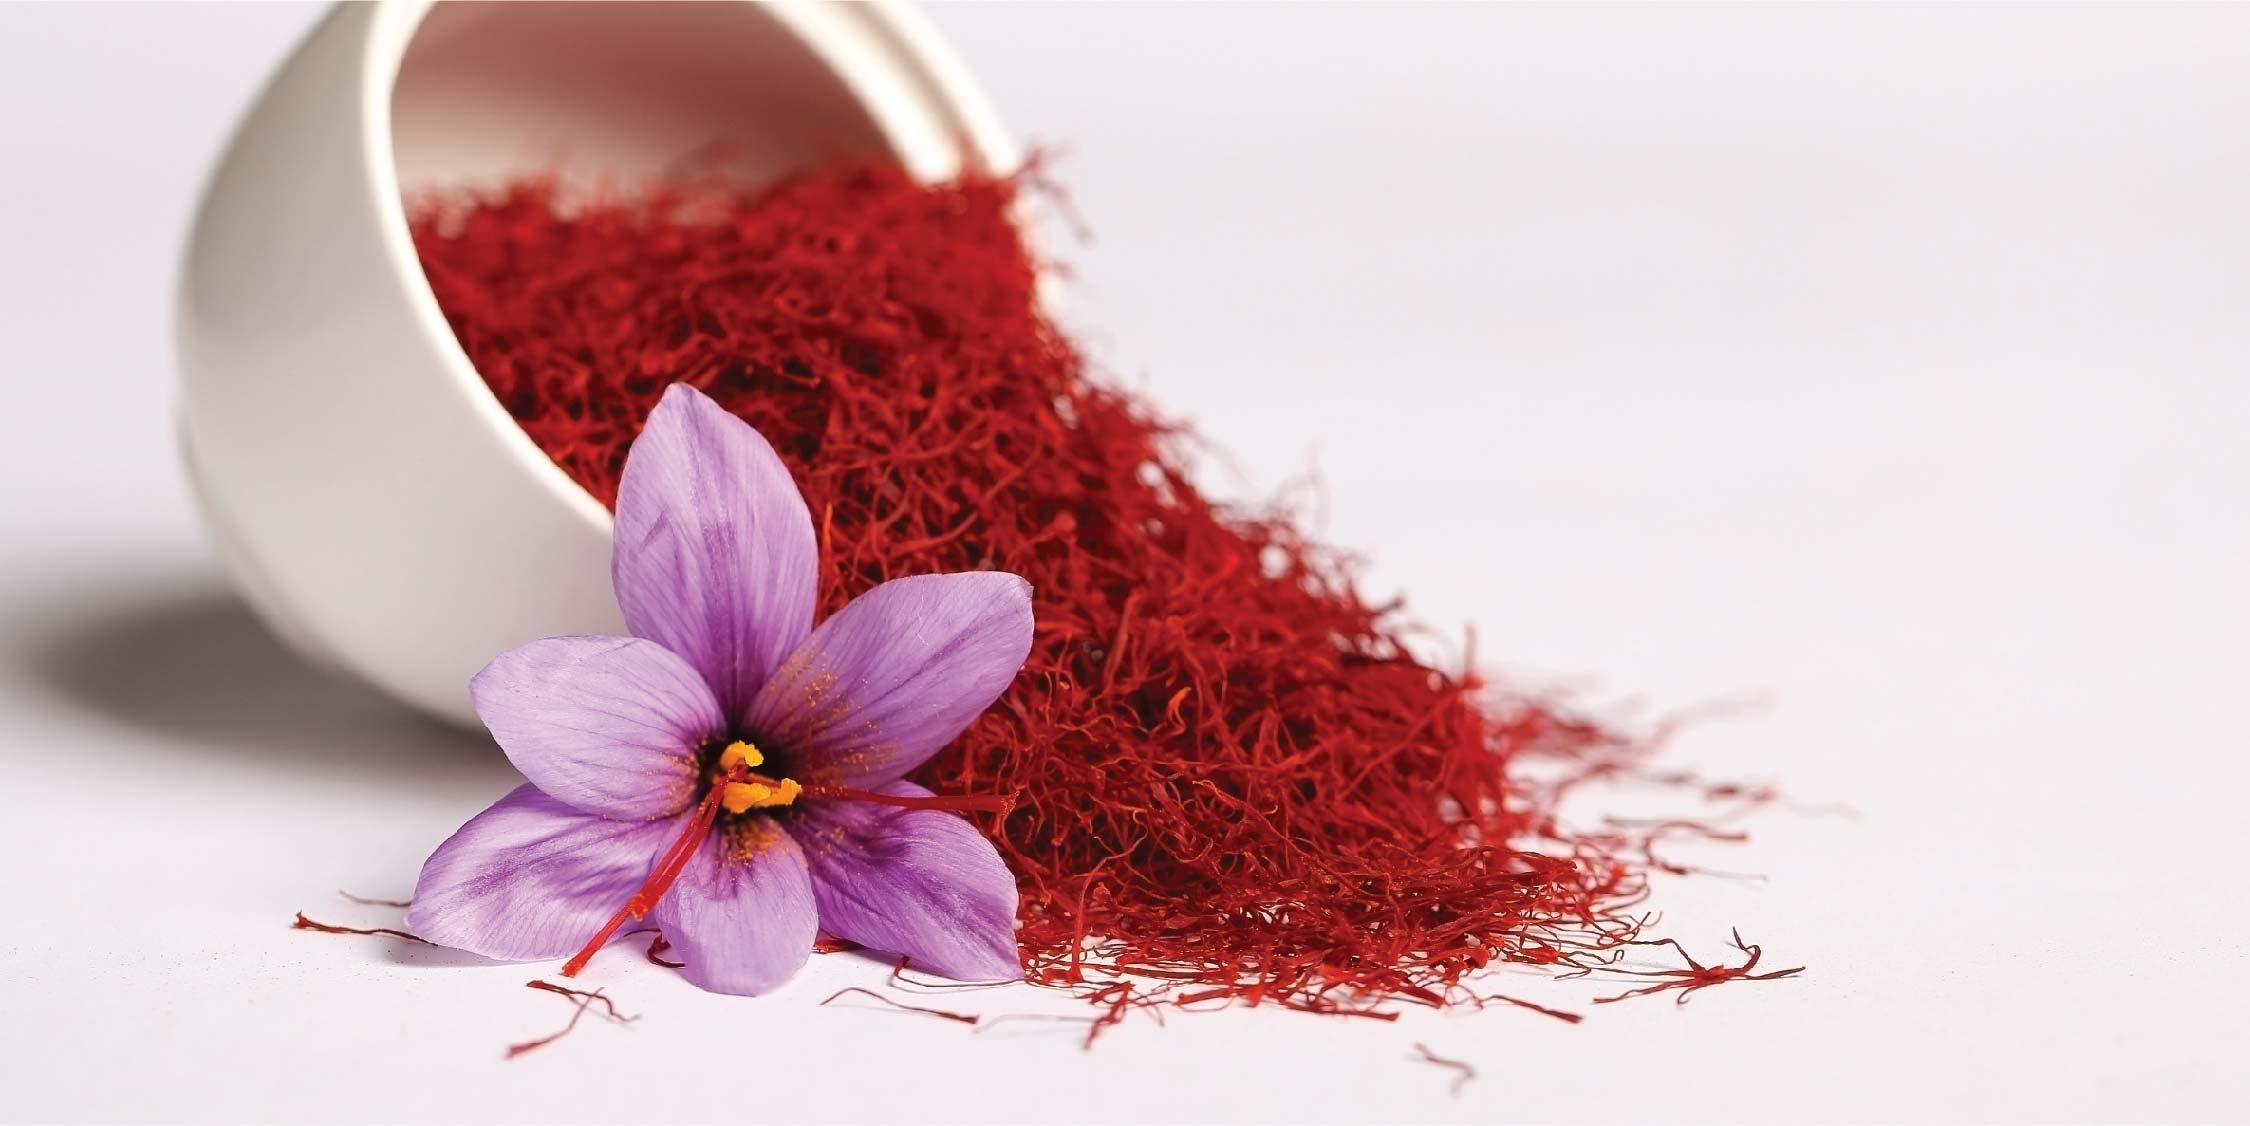 Bunga Saffron Rempah Termahal di Dunia yang Baik untuk